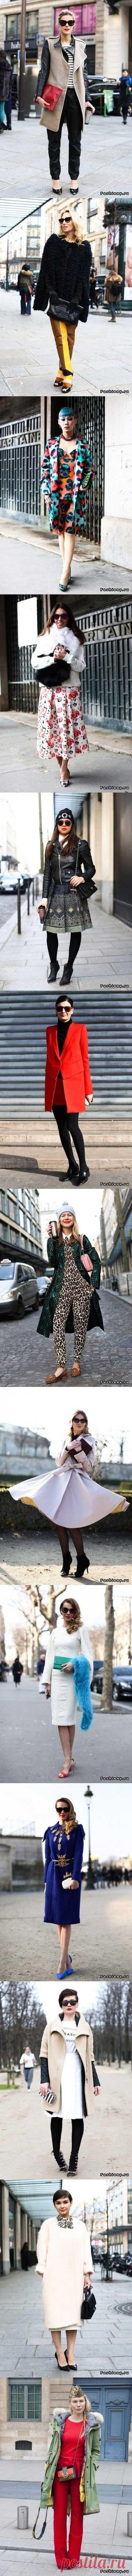 Парижская неделя моды 2013-2014